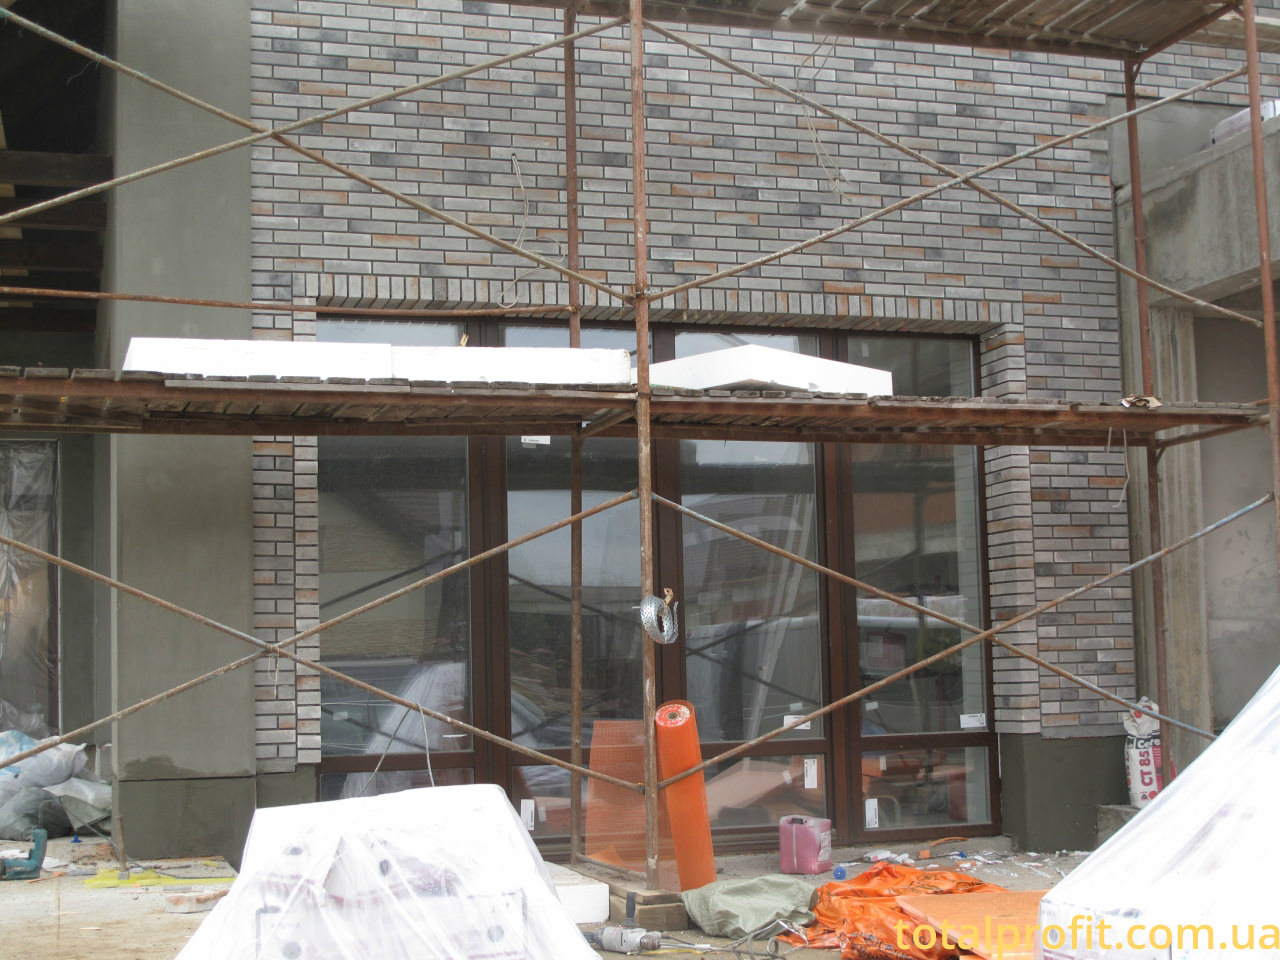 Частный дом с фасадной плиткой под кирпич